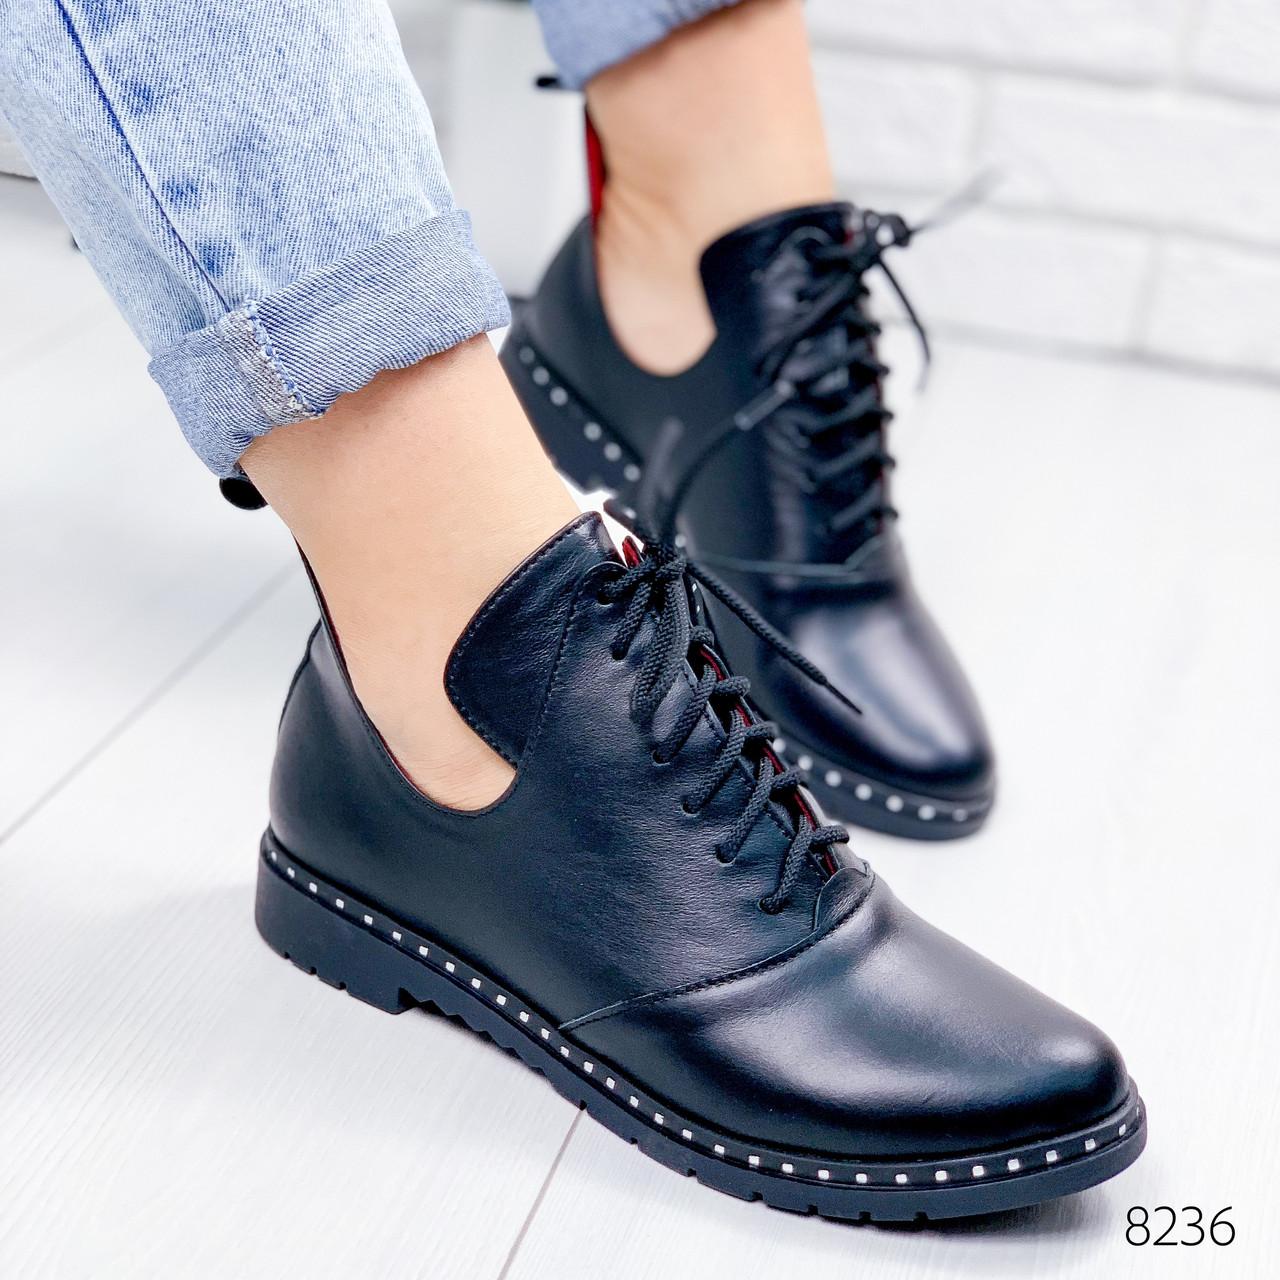 Ботинки женские Ella демисезонные черные натуральная кожа ))